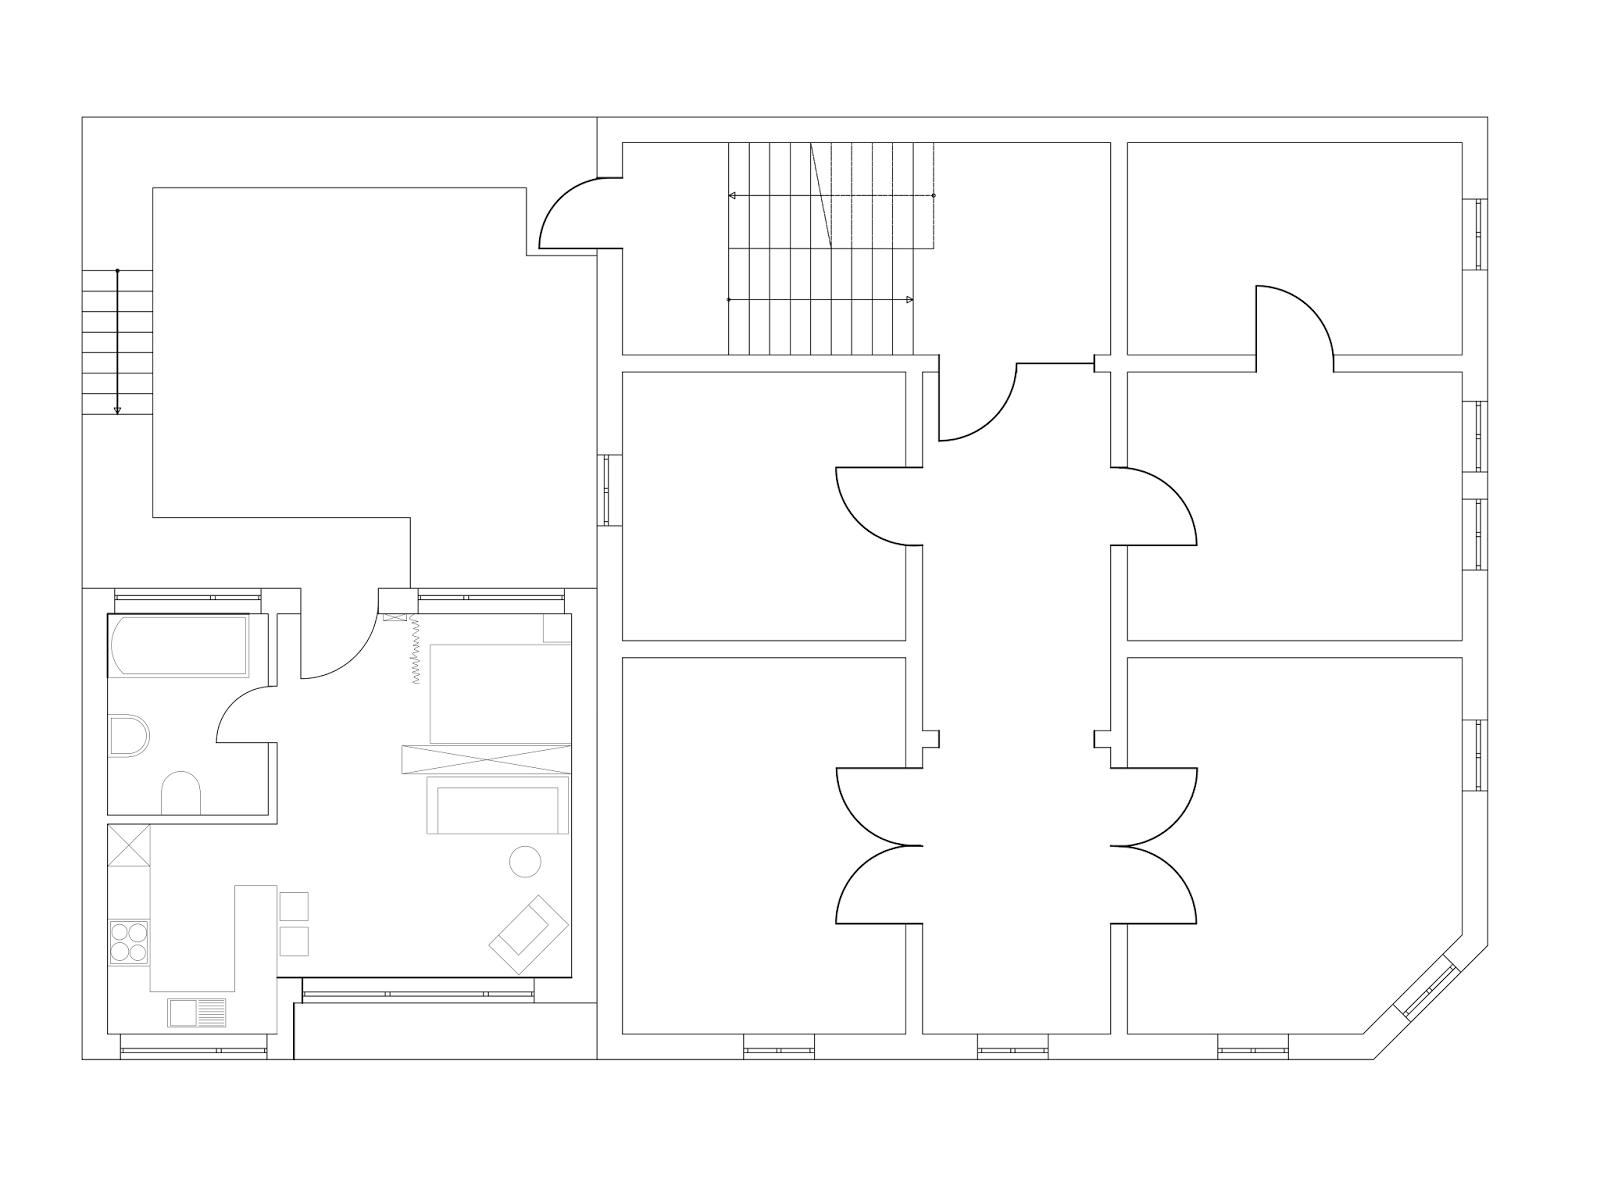 sven simmer aufstockung gr nderzeithaus darmstadt bessungen. Black Bedroom Furniture Sets. Home Design Ideas